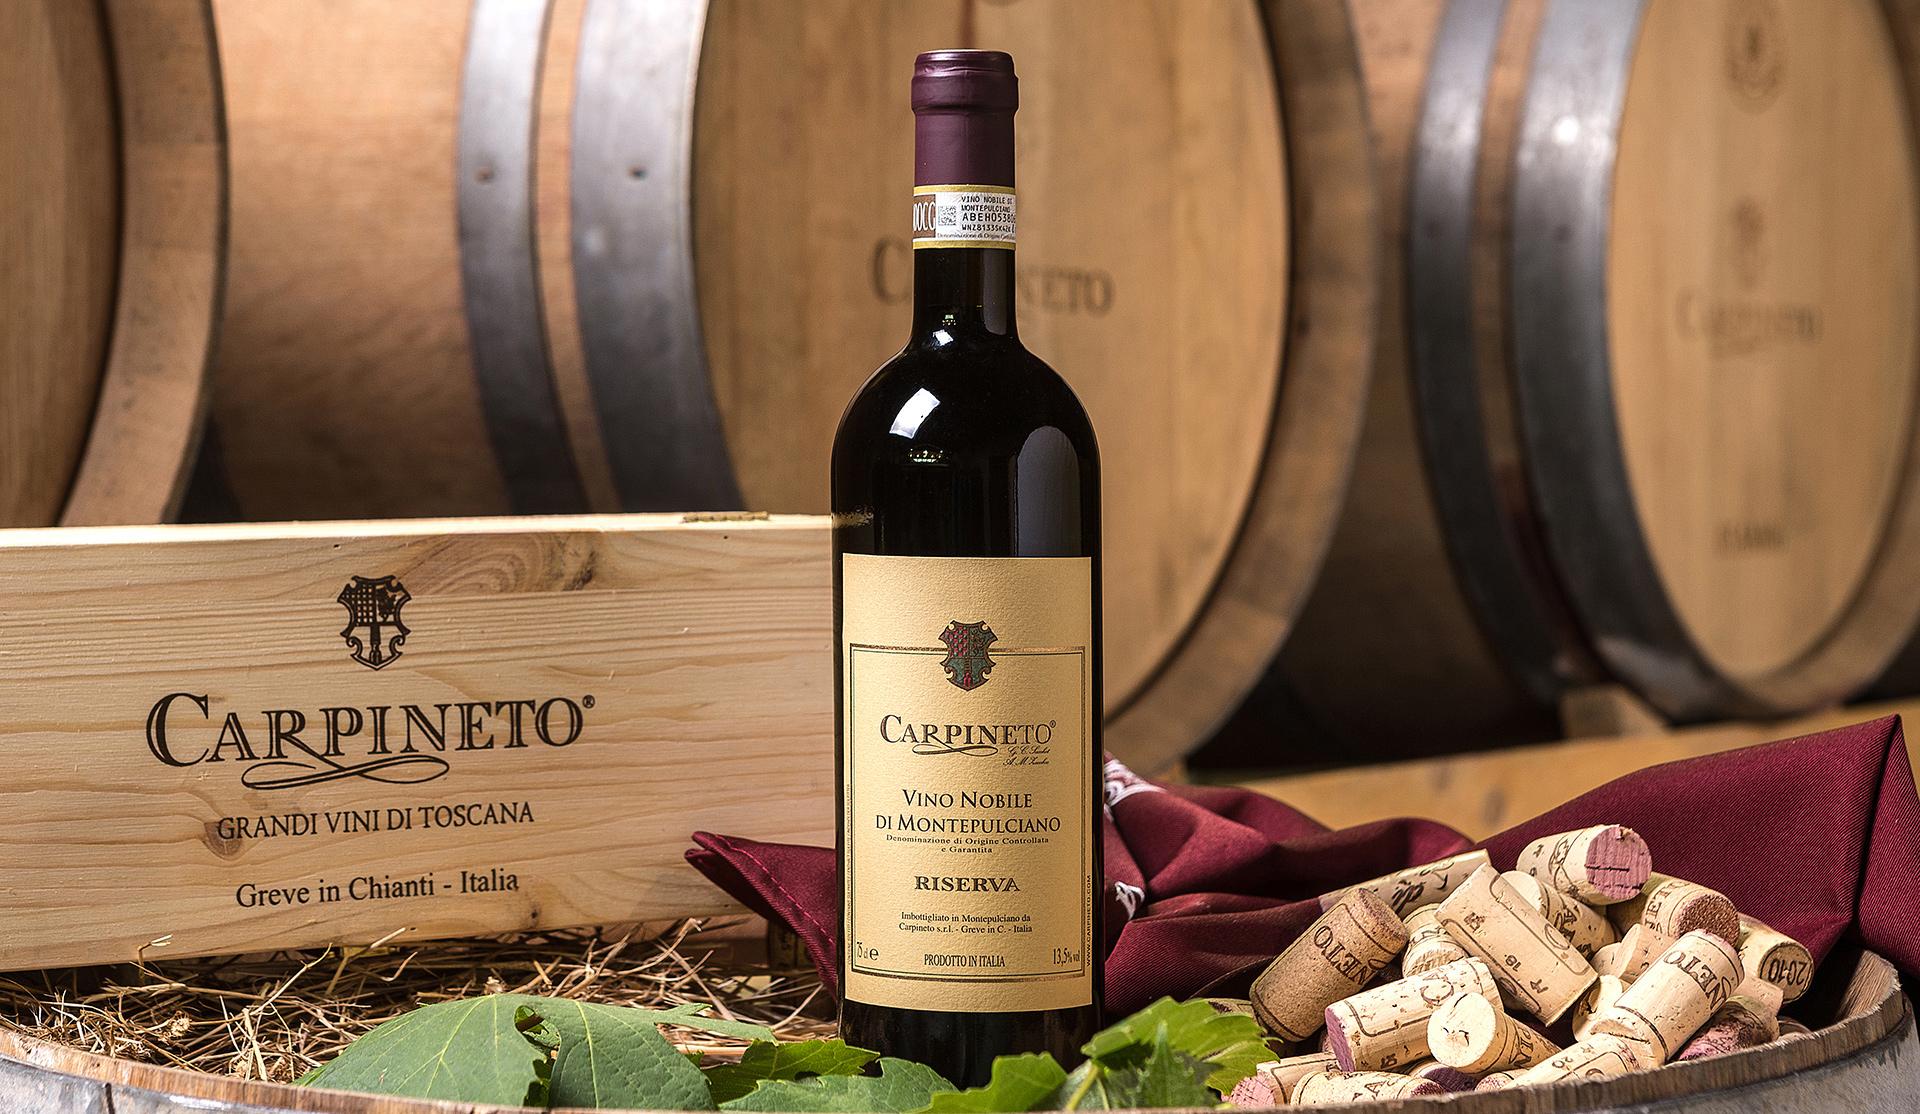 L'anima Nobile del vino che ci fa innamorare